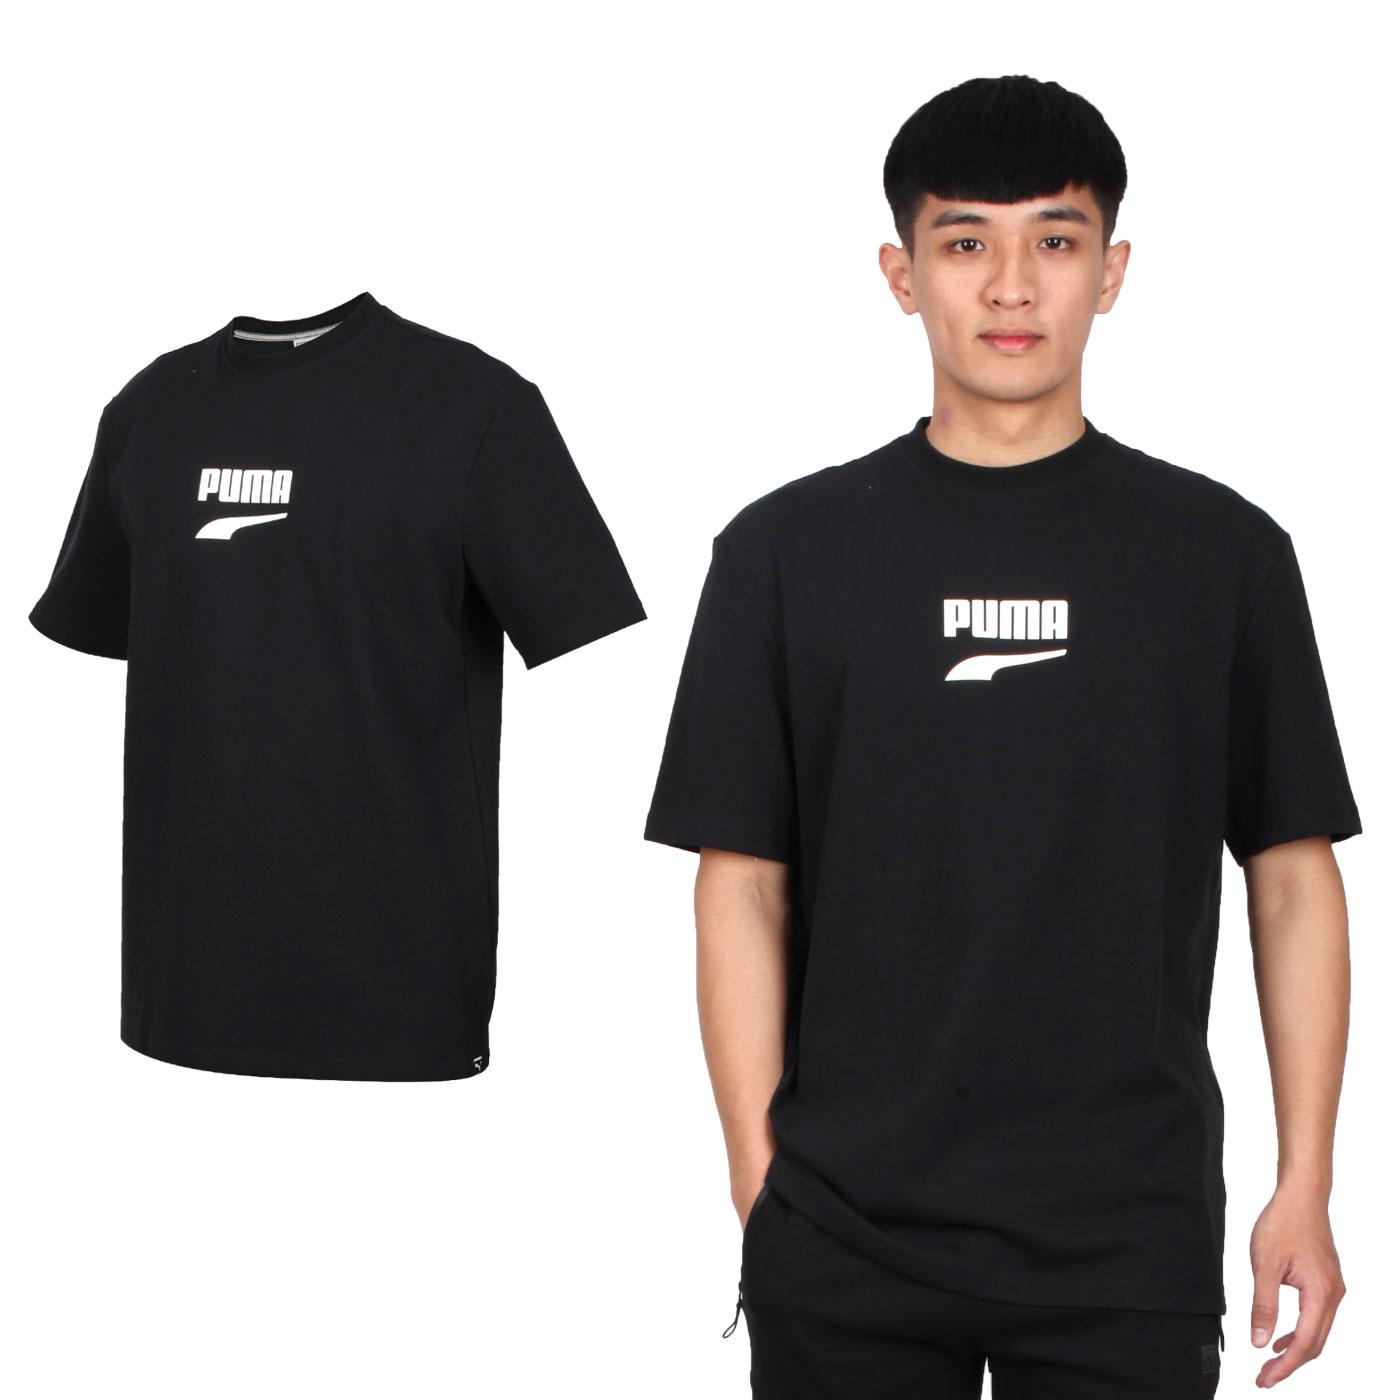 PUMA 男款流行系列短袖T恤 59636701 - 黑白